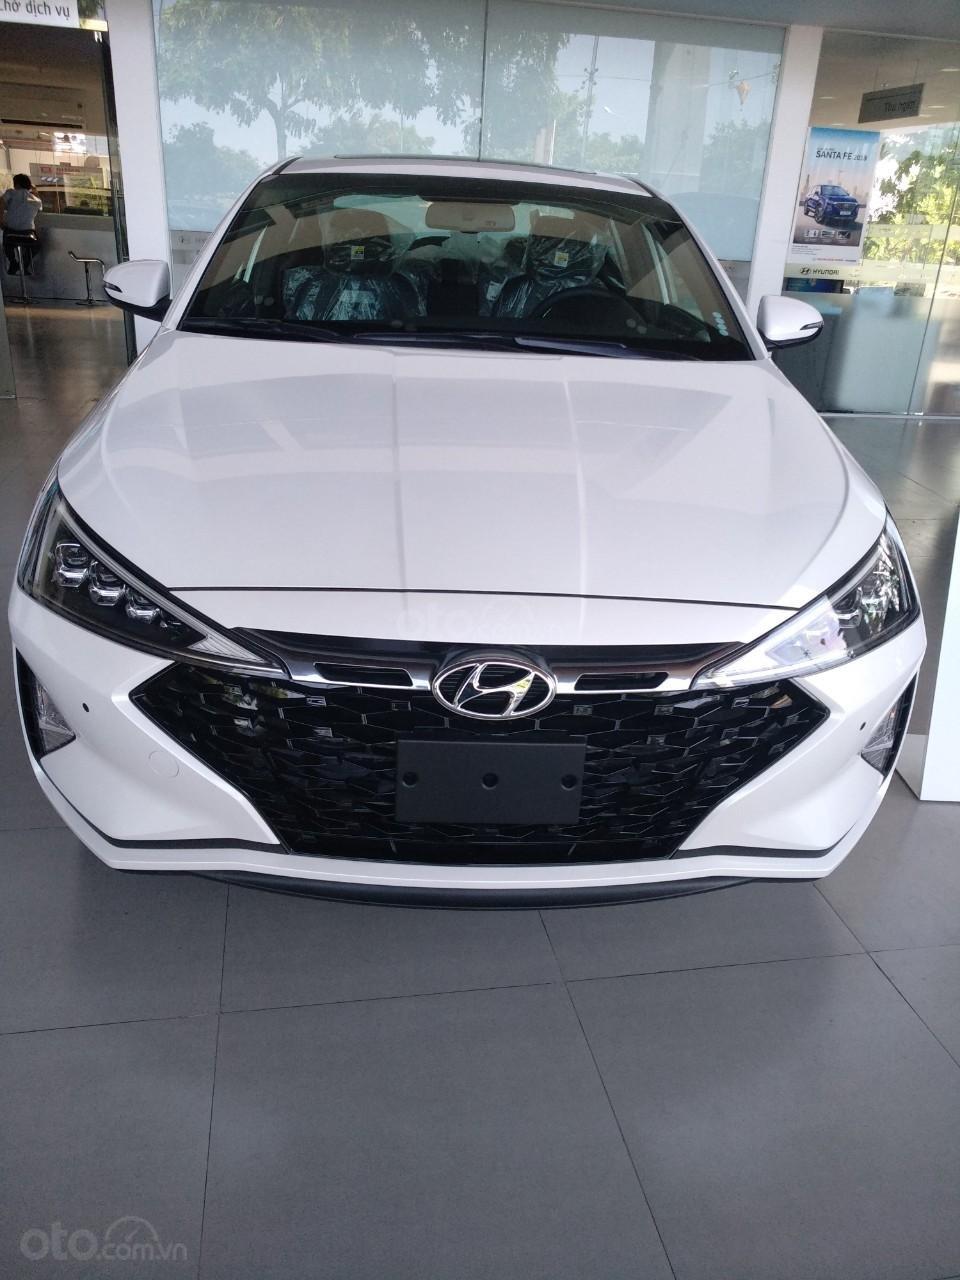 Bán xe Hyundai Elantra Facelift- Đà Nẵng (1)